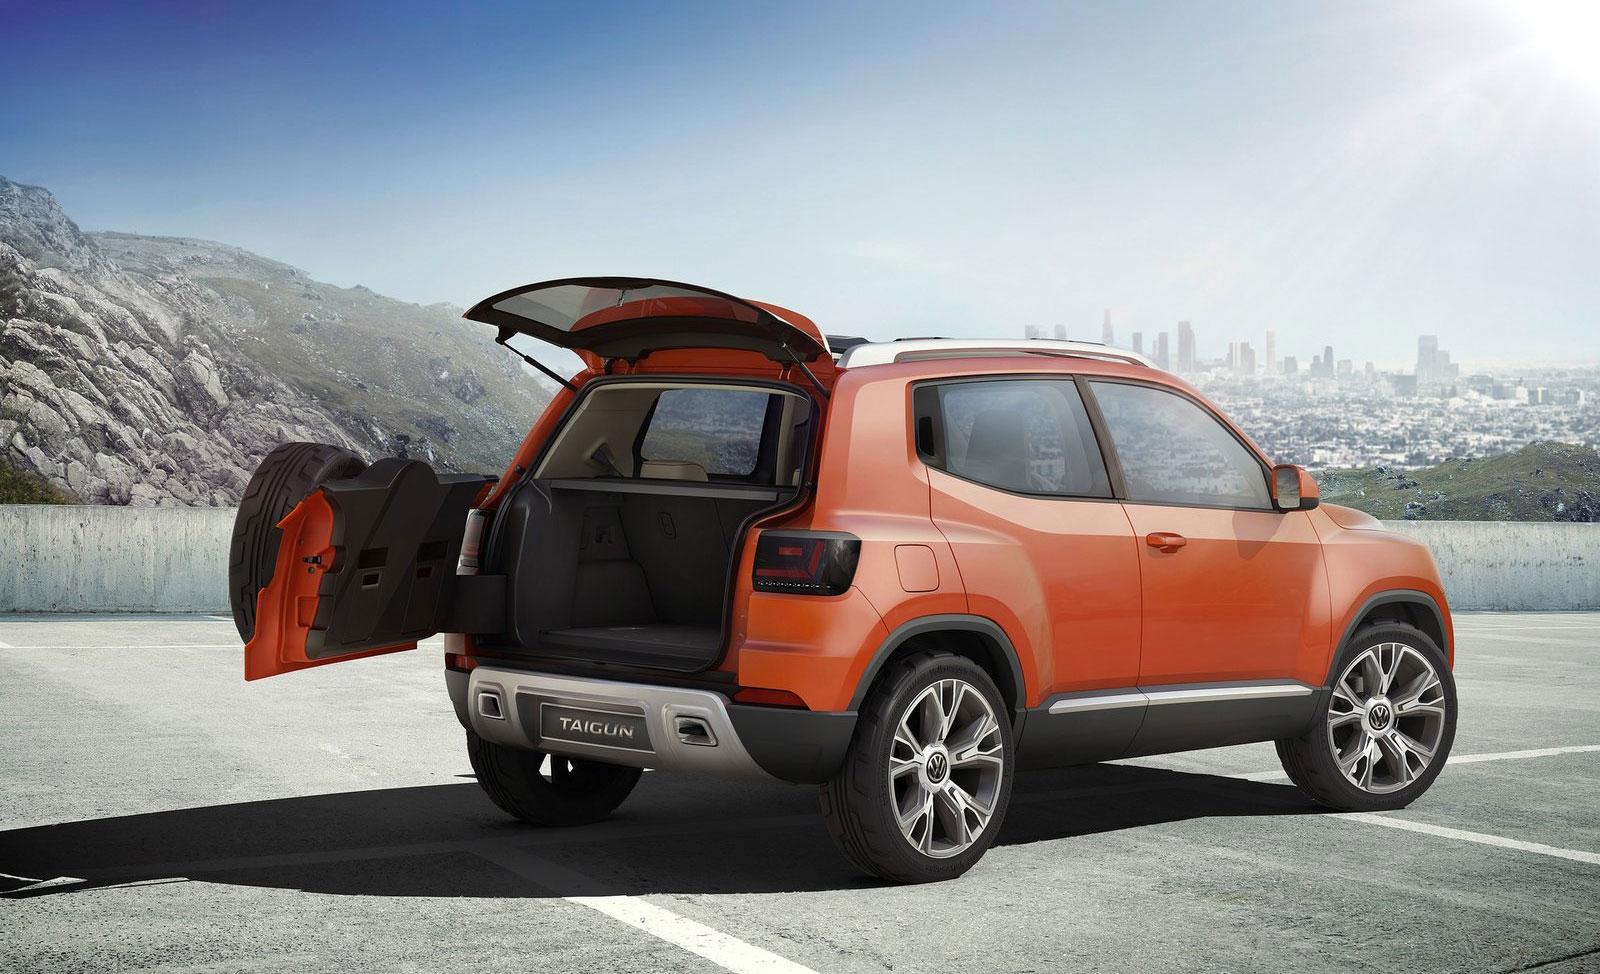 El Volkswagen Taigun no irá a producción, aunque lanzará un modelo de similares características 2